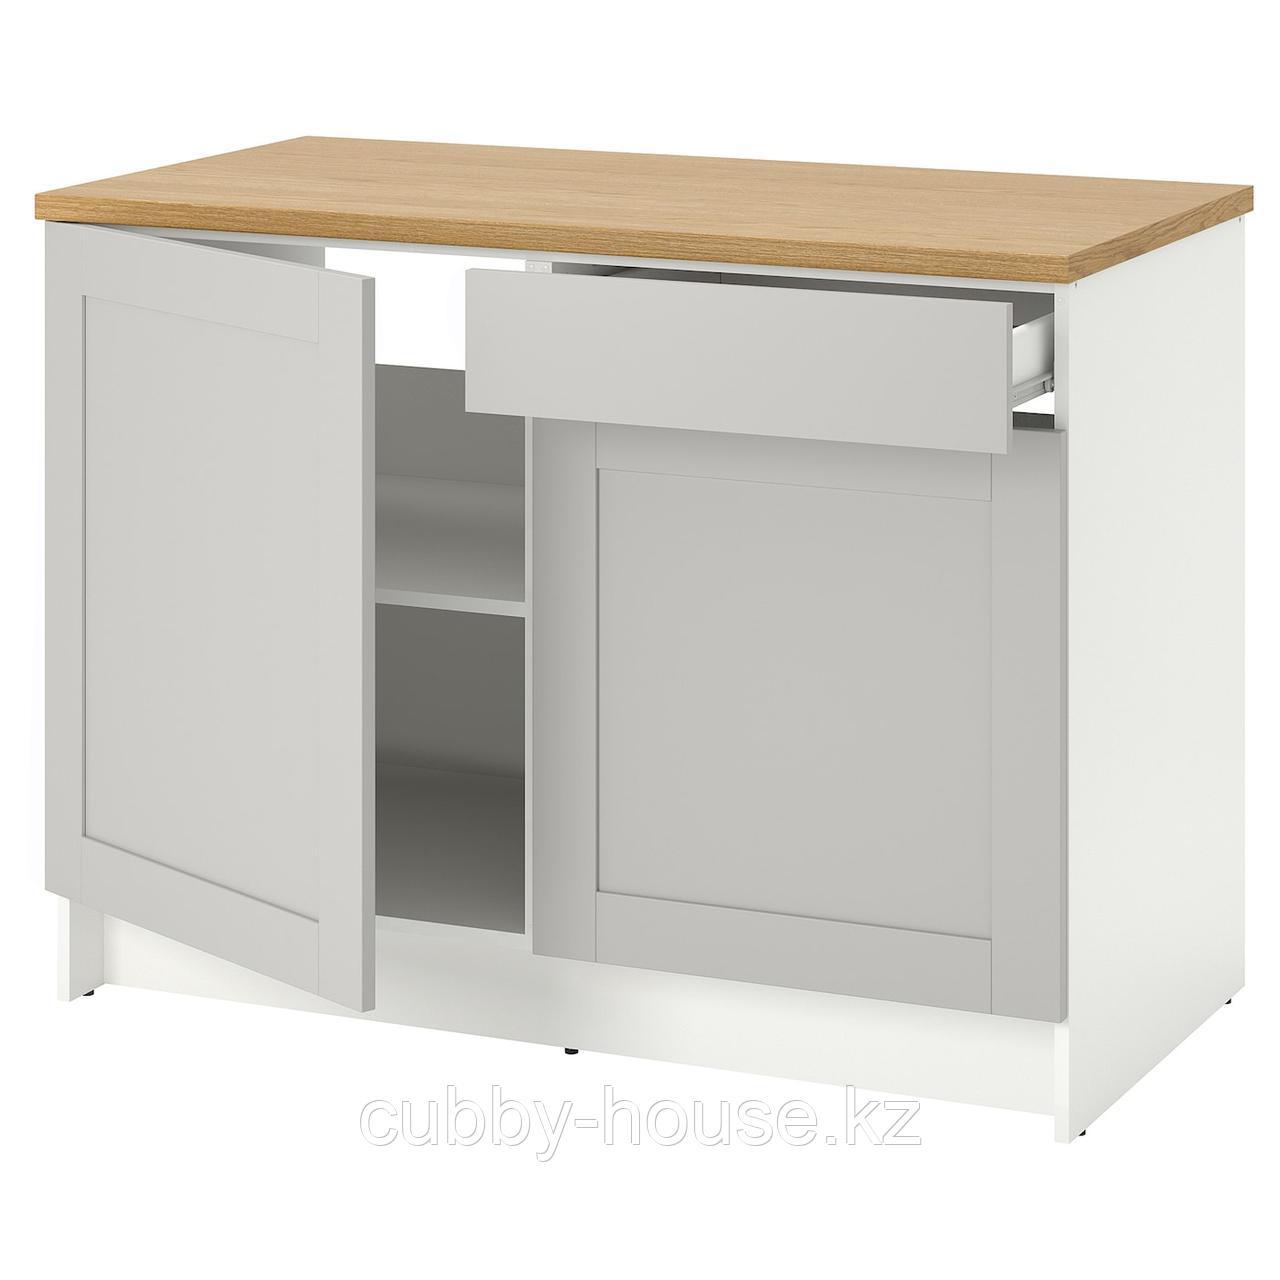 КНОКСХУЛЬТ Напольный шкаф с дверцами и ящиком, серый, 120 см